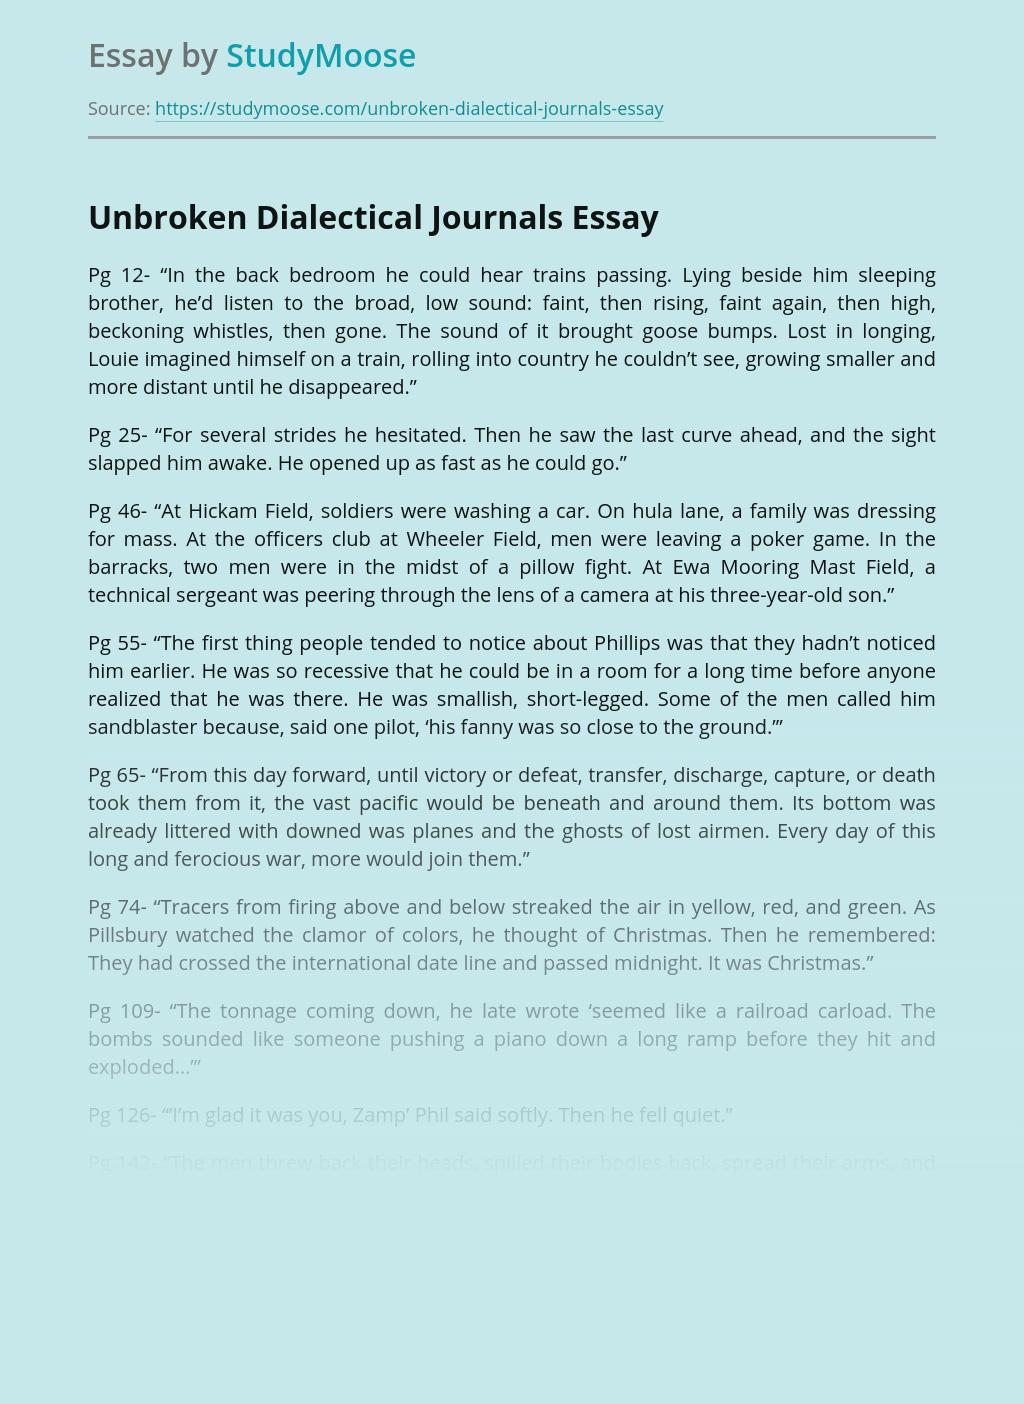 Unbroken Dialectical Journals